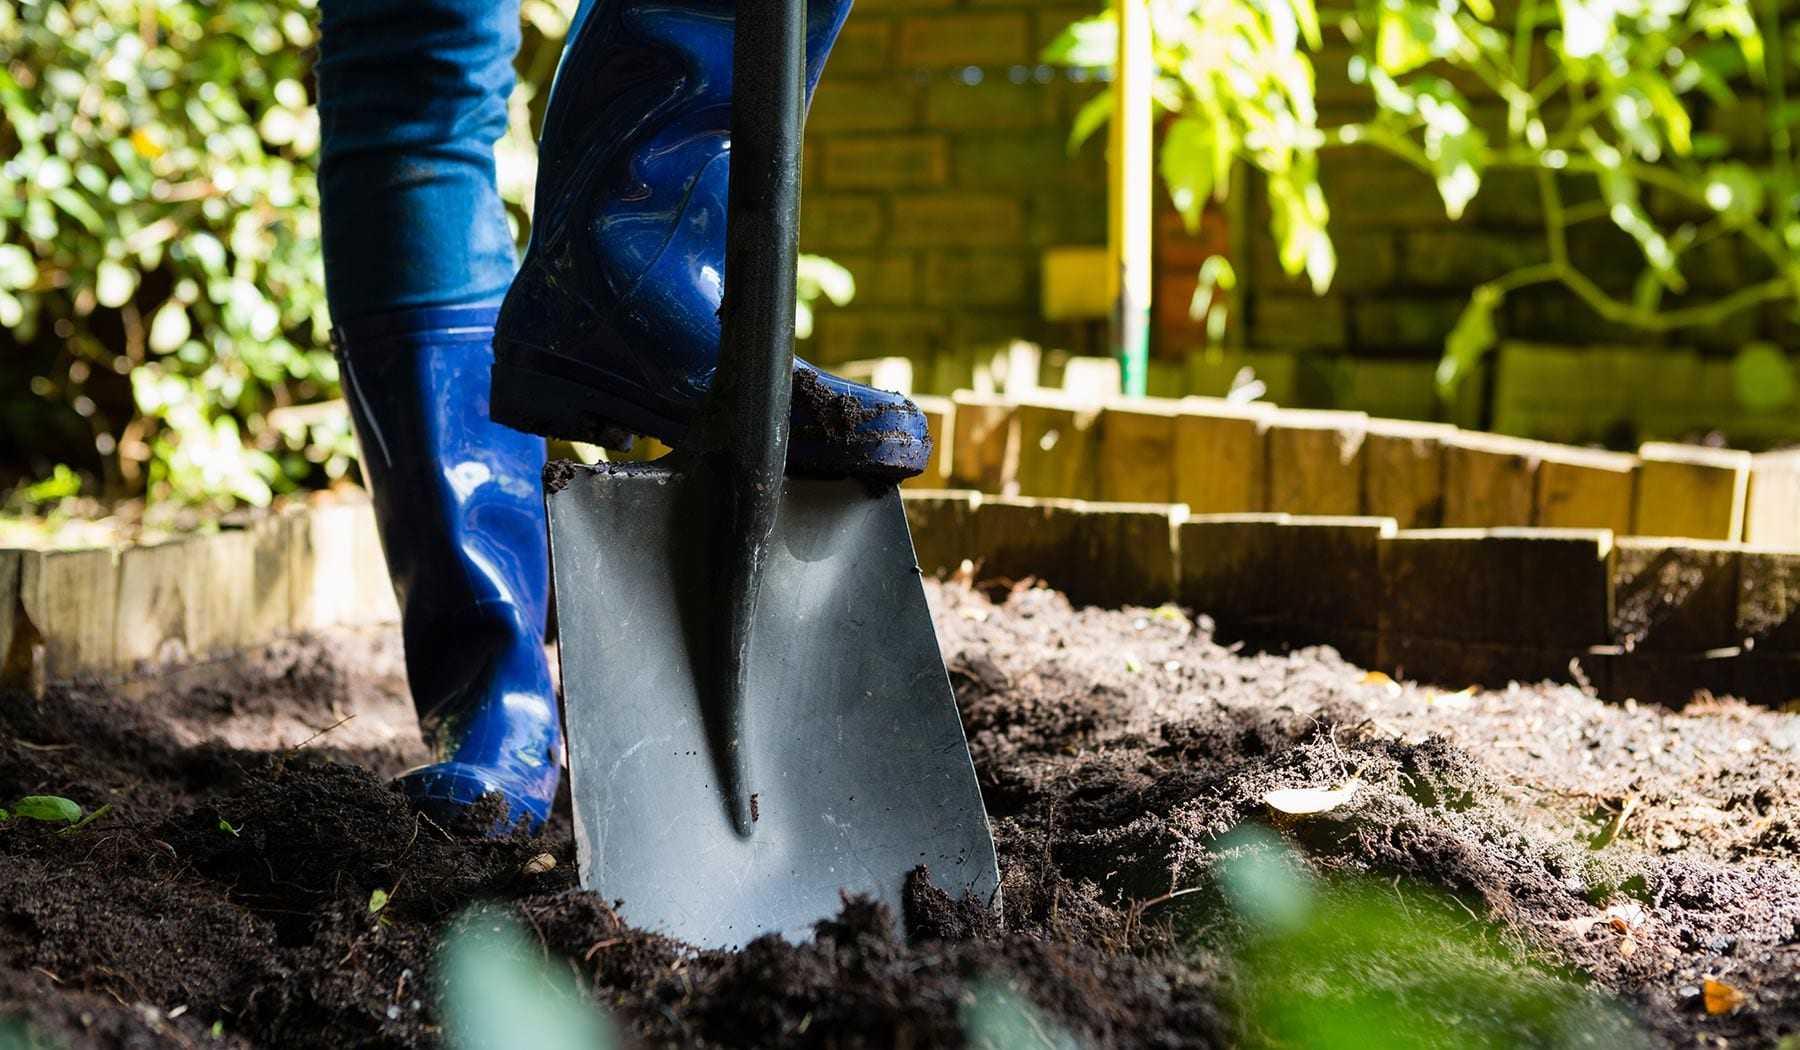 Gjør hus og hage klart til våren - Gjør hus og hage klar til våren